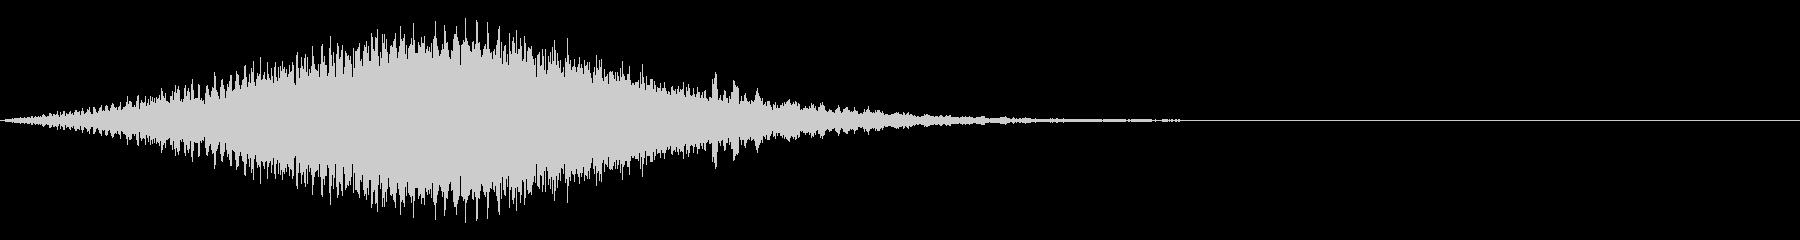 【昭和特撮風】化学反応/ワープの音 4の未再生の波形